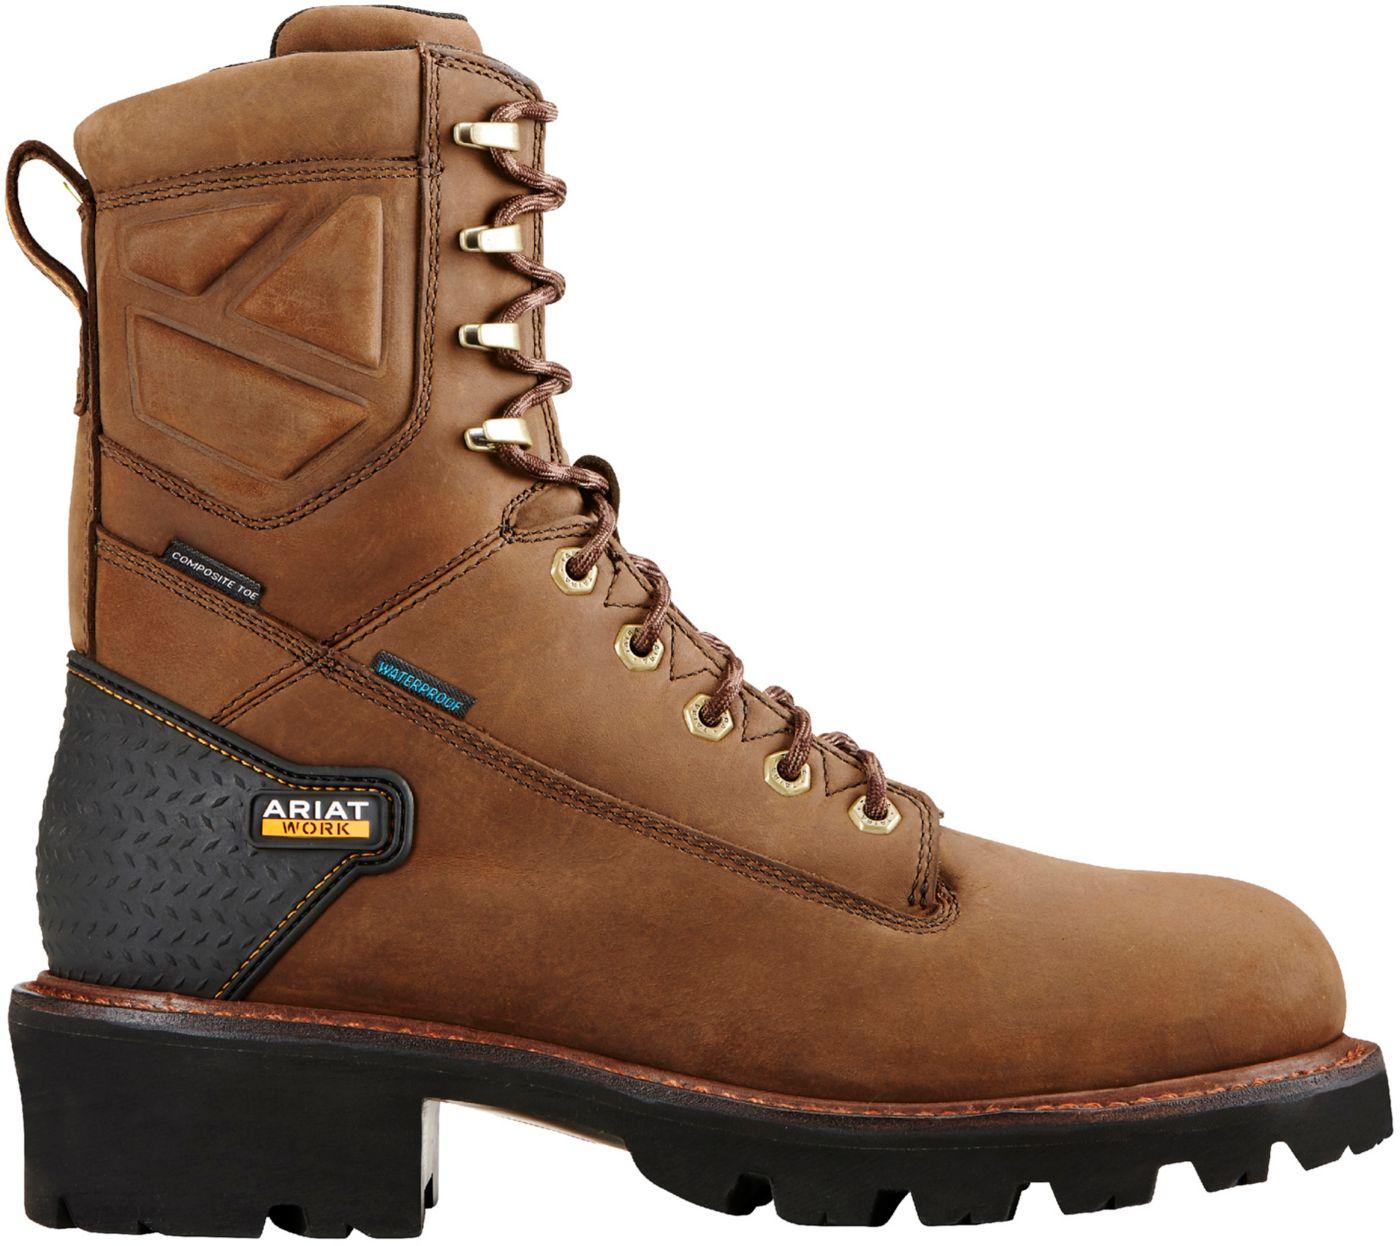 Ariat Men's Powerline 8'' H2O Waterproof Composite Toe Work Boots